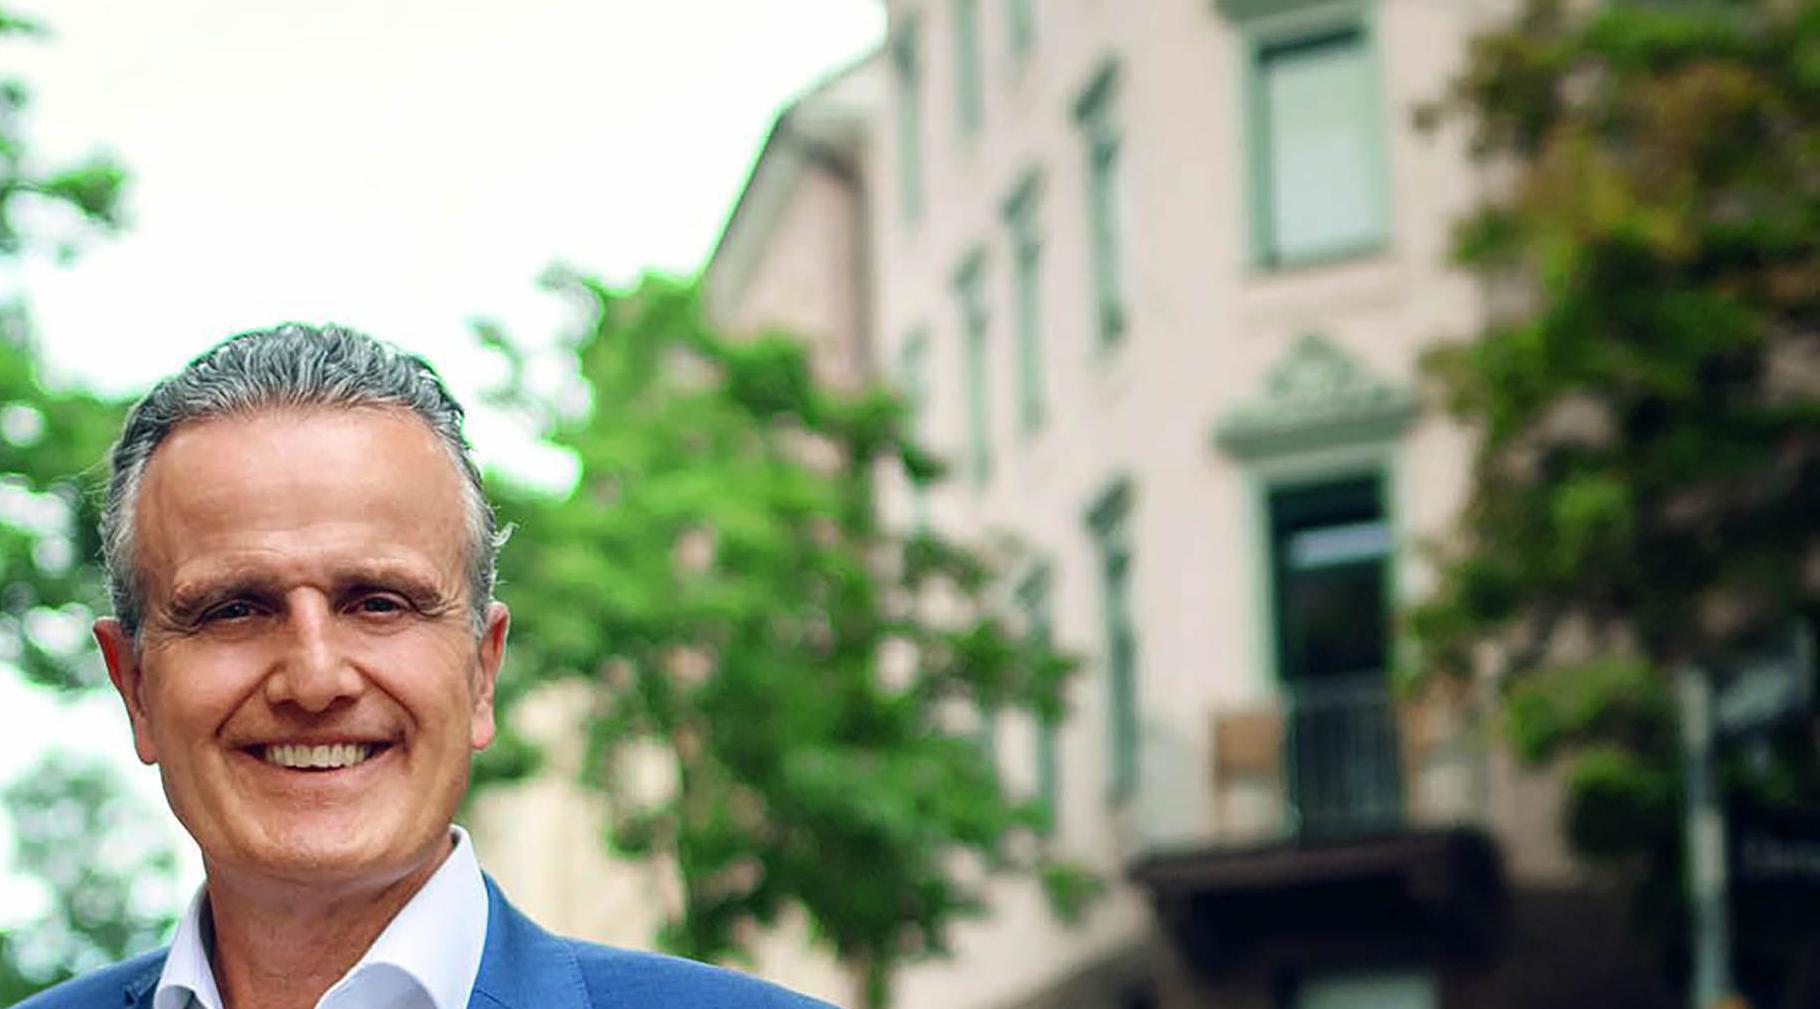 Interview mit dem Stuttgarter Oberbürgermeister Dr. Nopper